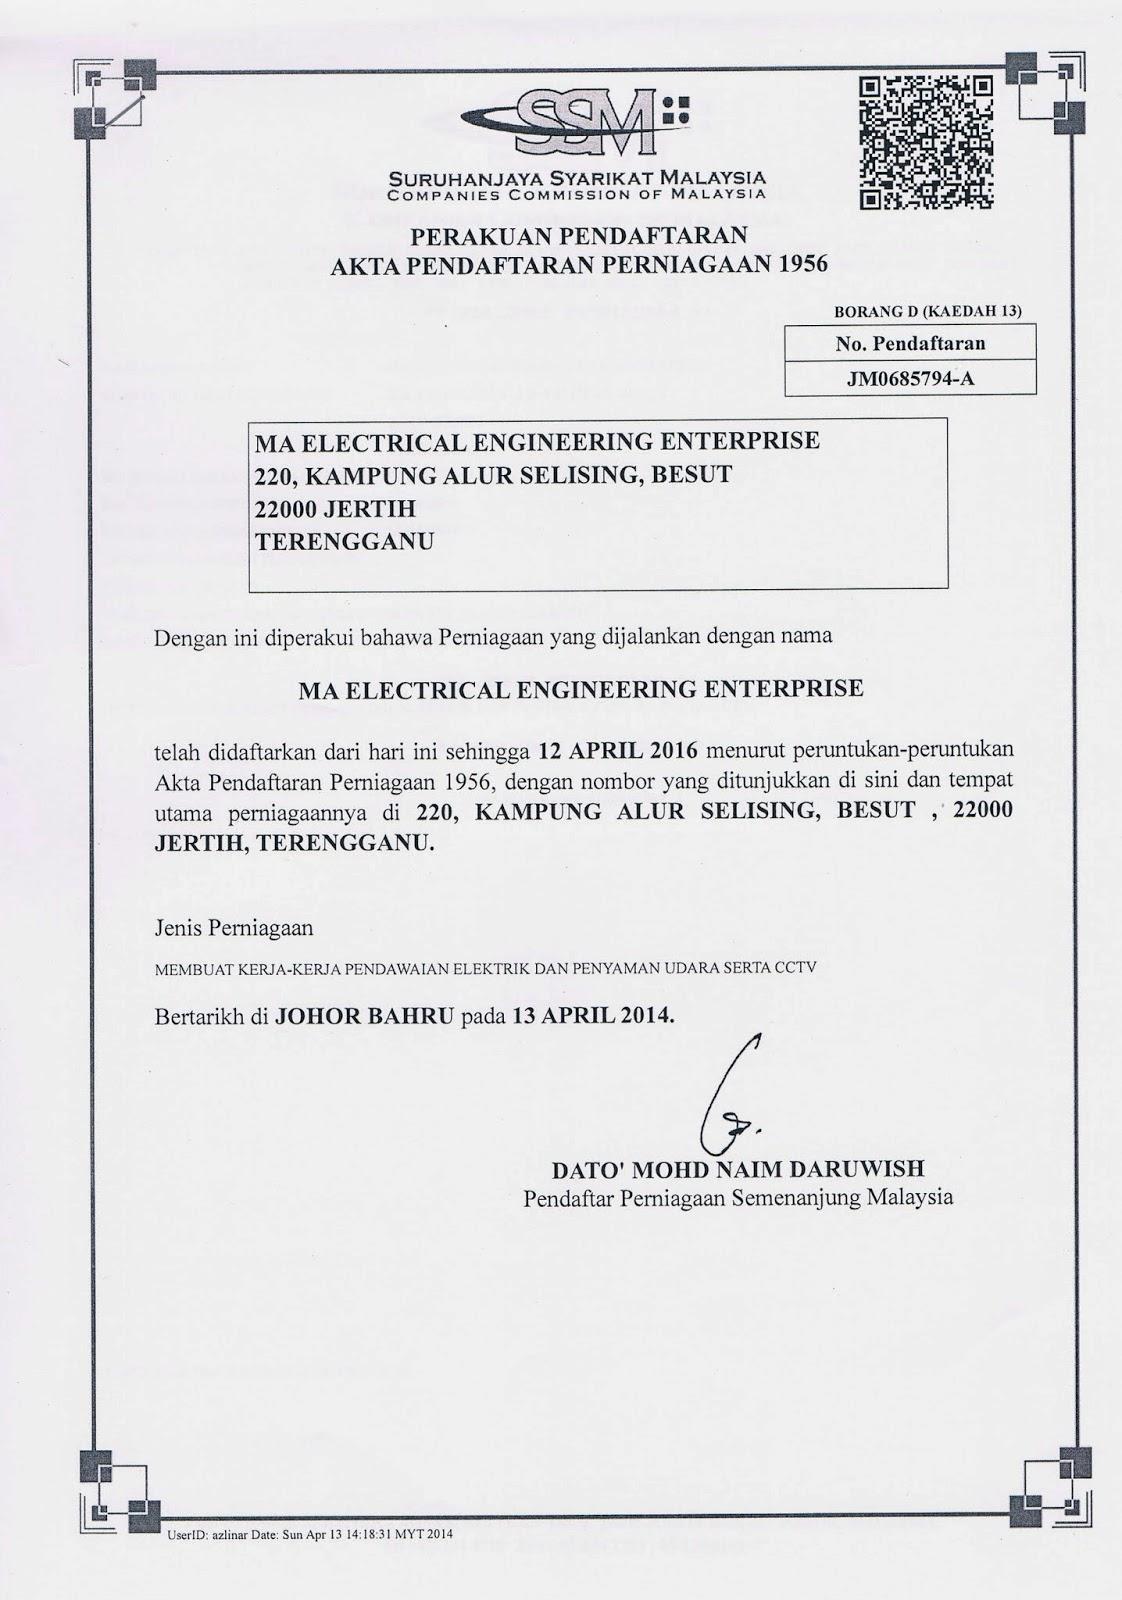 sebut harga pendawaian elektrik 1 fasa dan 3 fasa 2014 upah wiring rh ibnunoralasr blogspot com Hias Lampu Kamar Lampu Downlight Rail